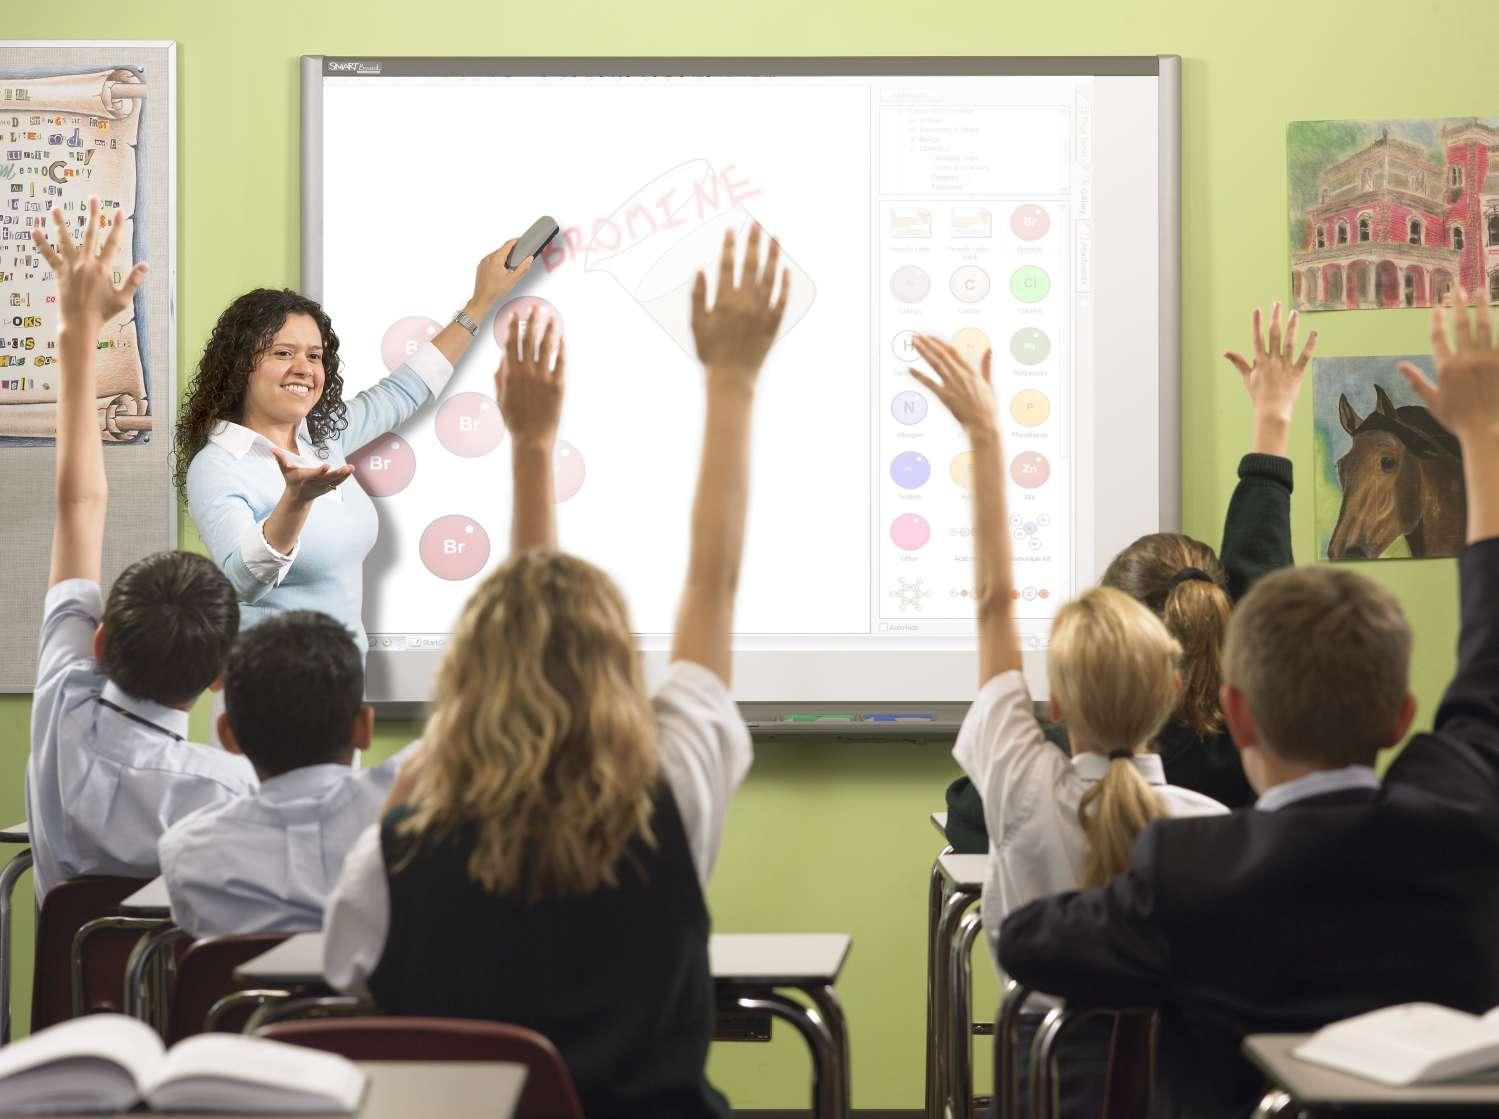 Журнал Фокус и ICTV назвали лучшие школы для вундеркиндов